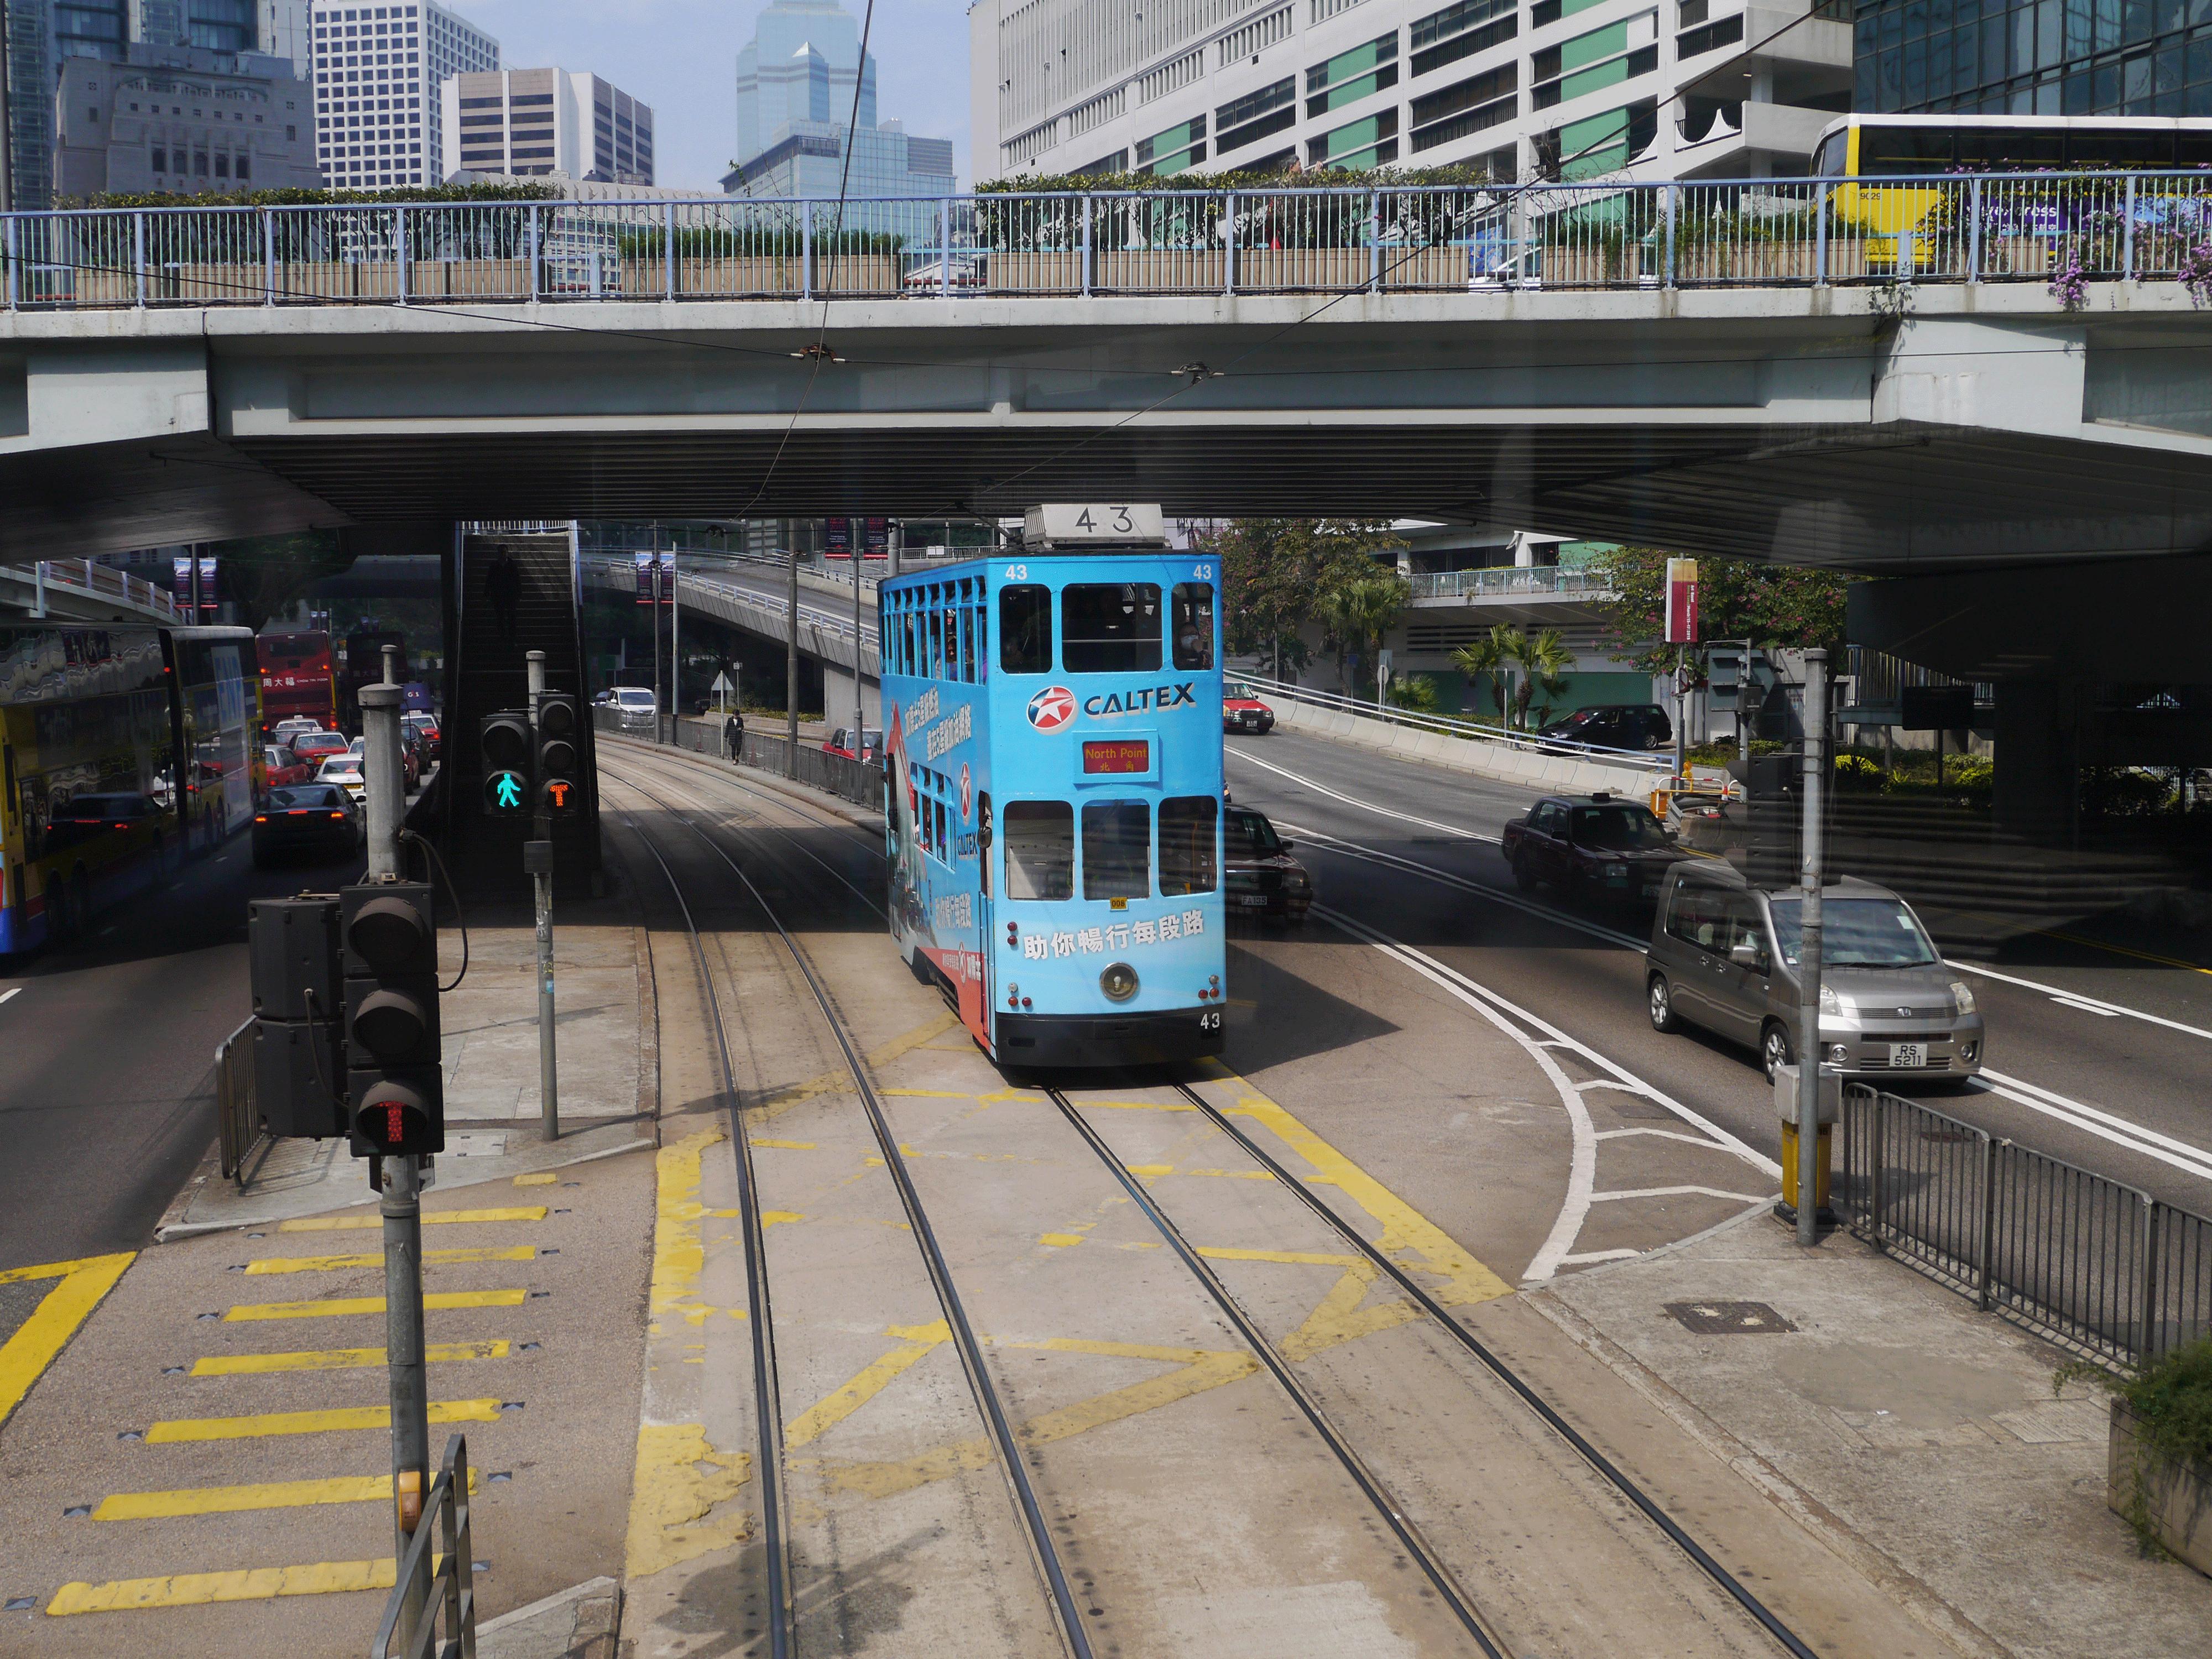 Le tramway à impéraiale un vestige de l'administration britanique